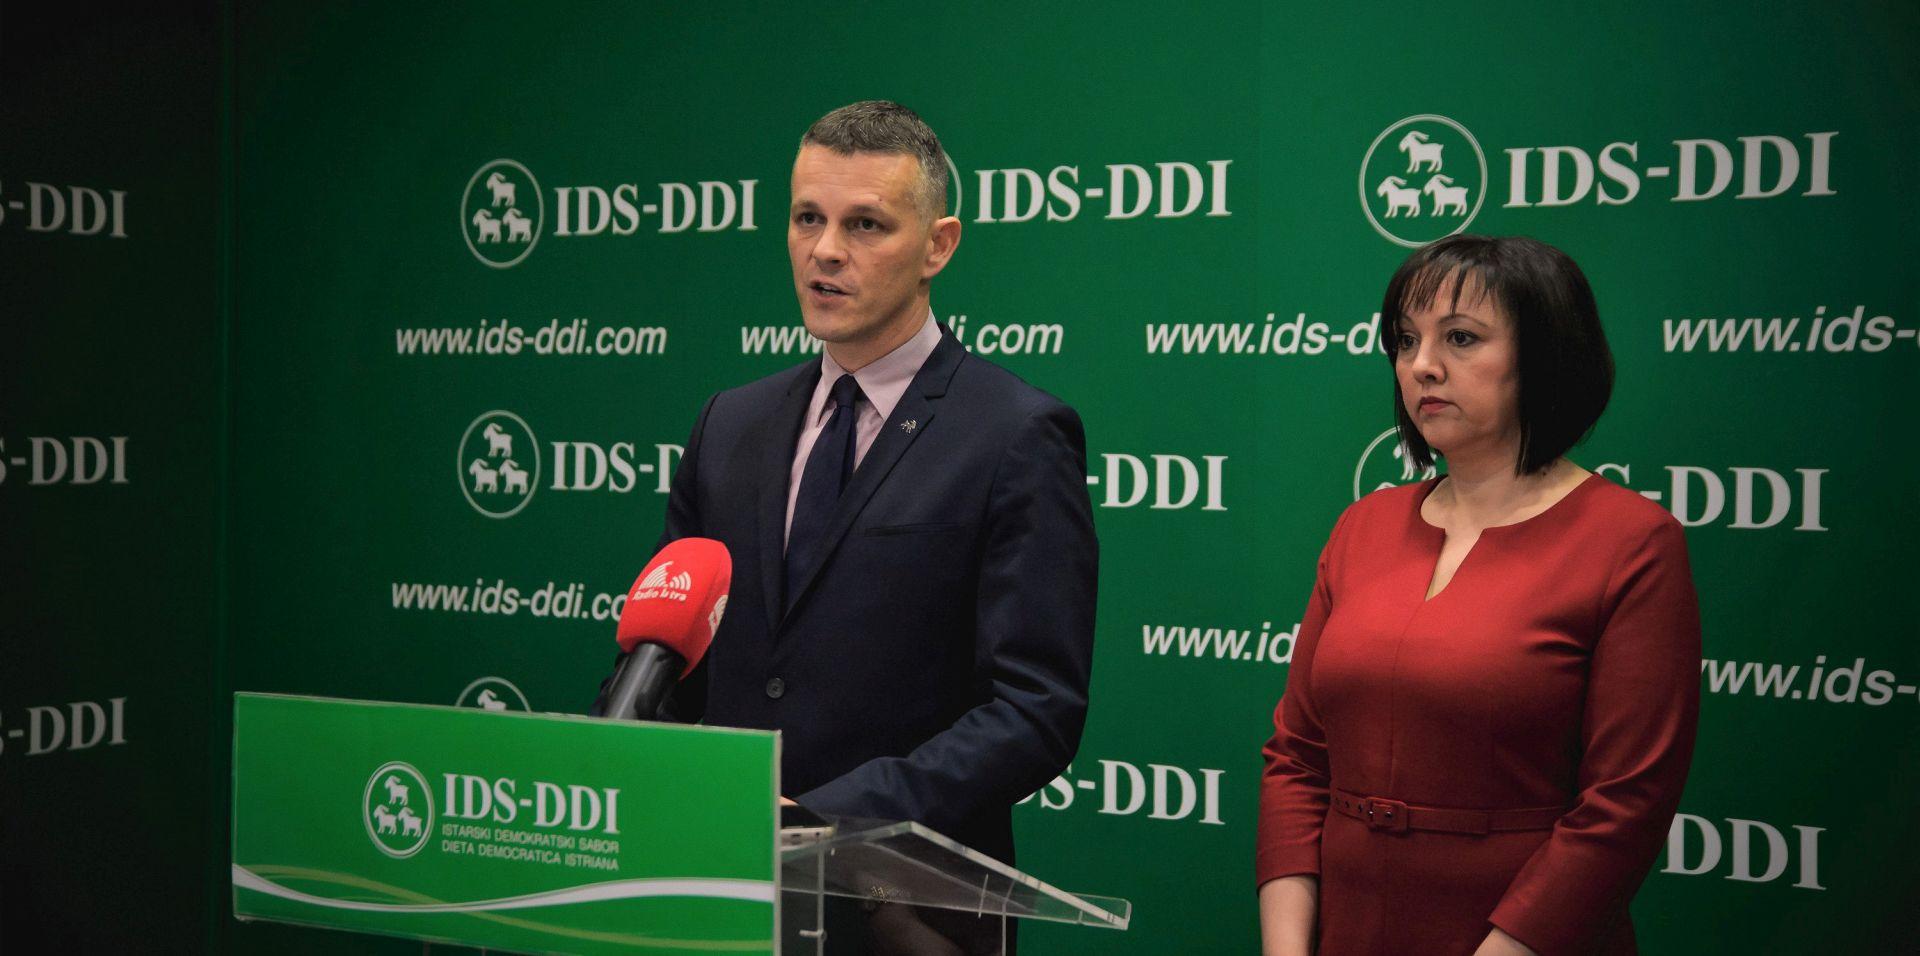 IDS za postizanje potpune ravnopravnosti spolova u društvu